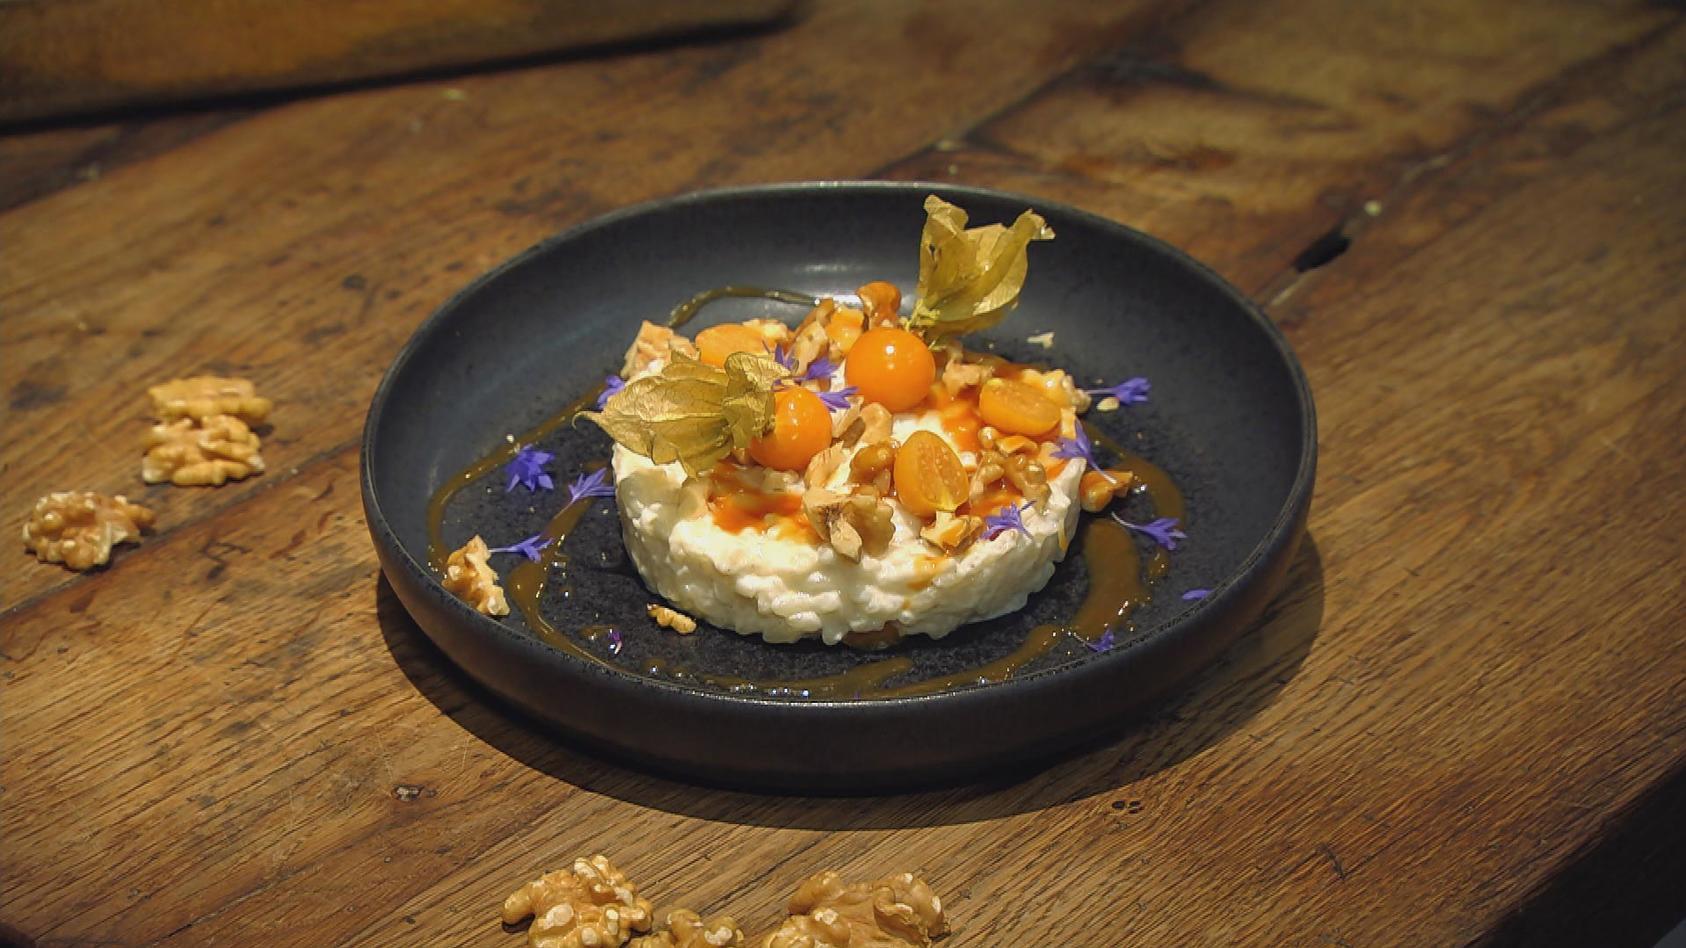 Der Reis ist heiß – Besondere Reisgerichte: Marzipan-Milchreis mit Karamell-Sauce